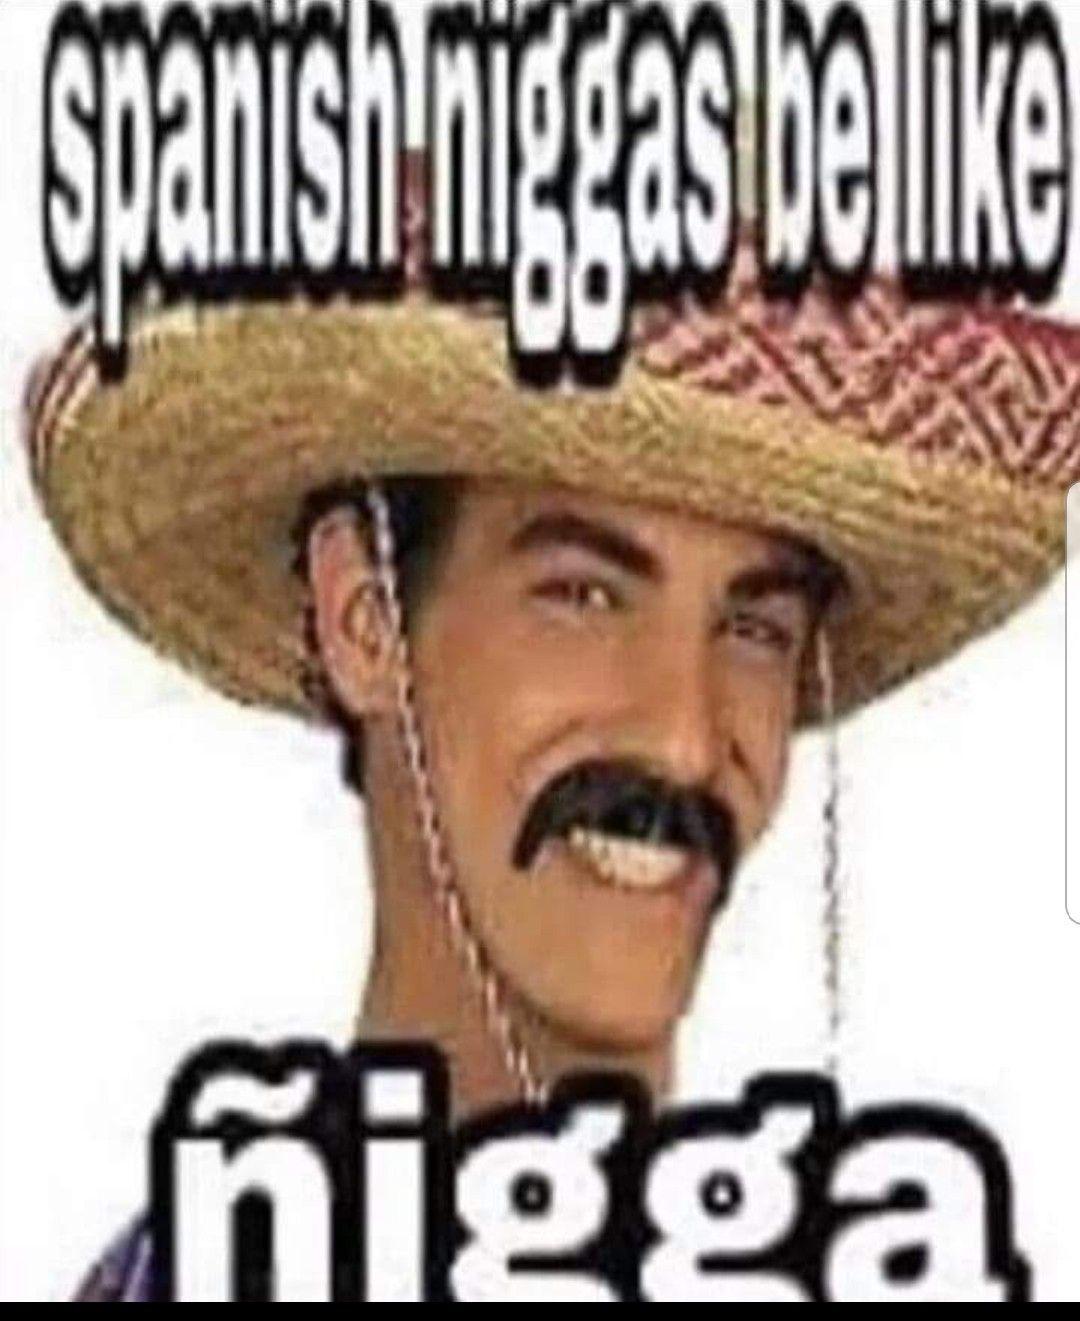 Ño Ñut Ñovember